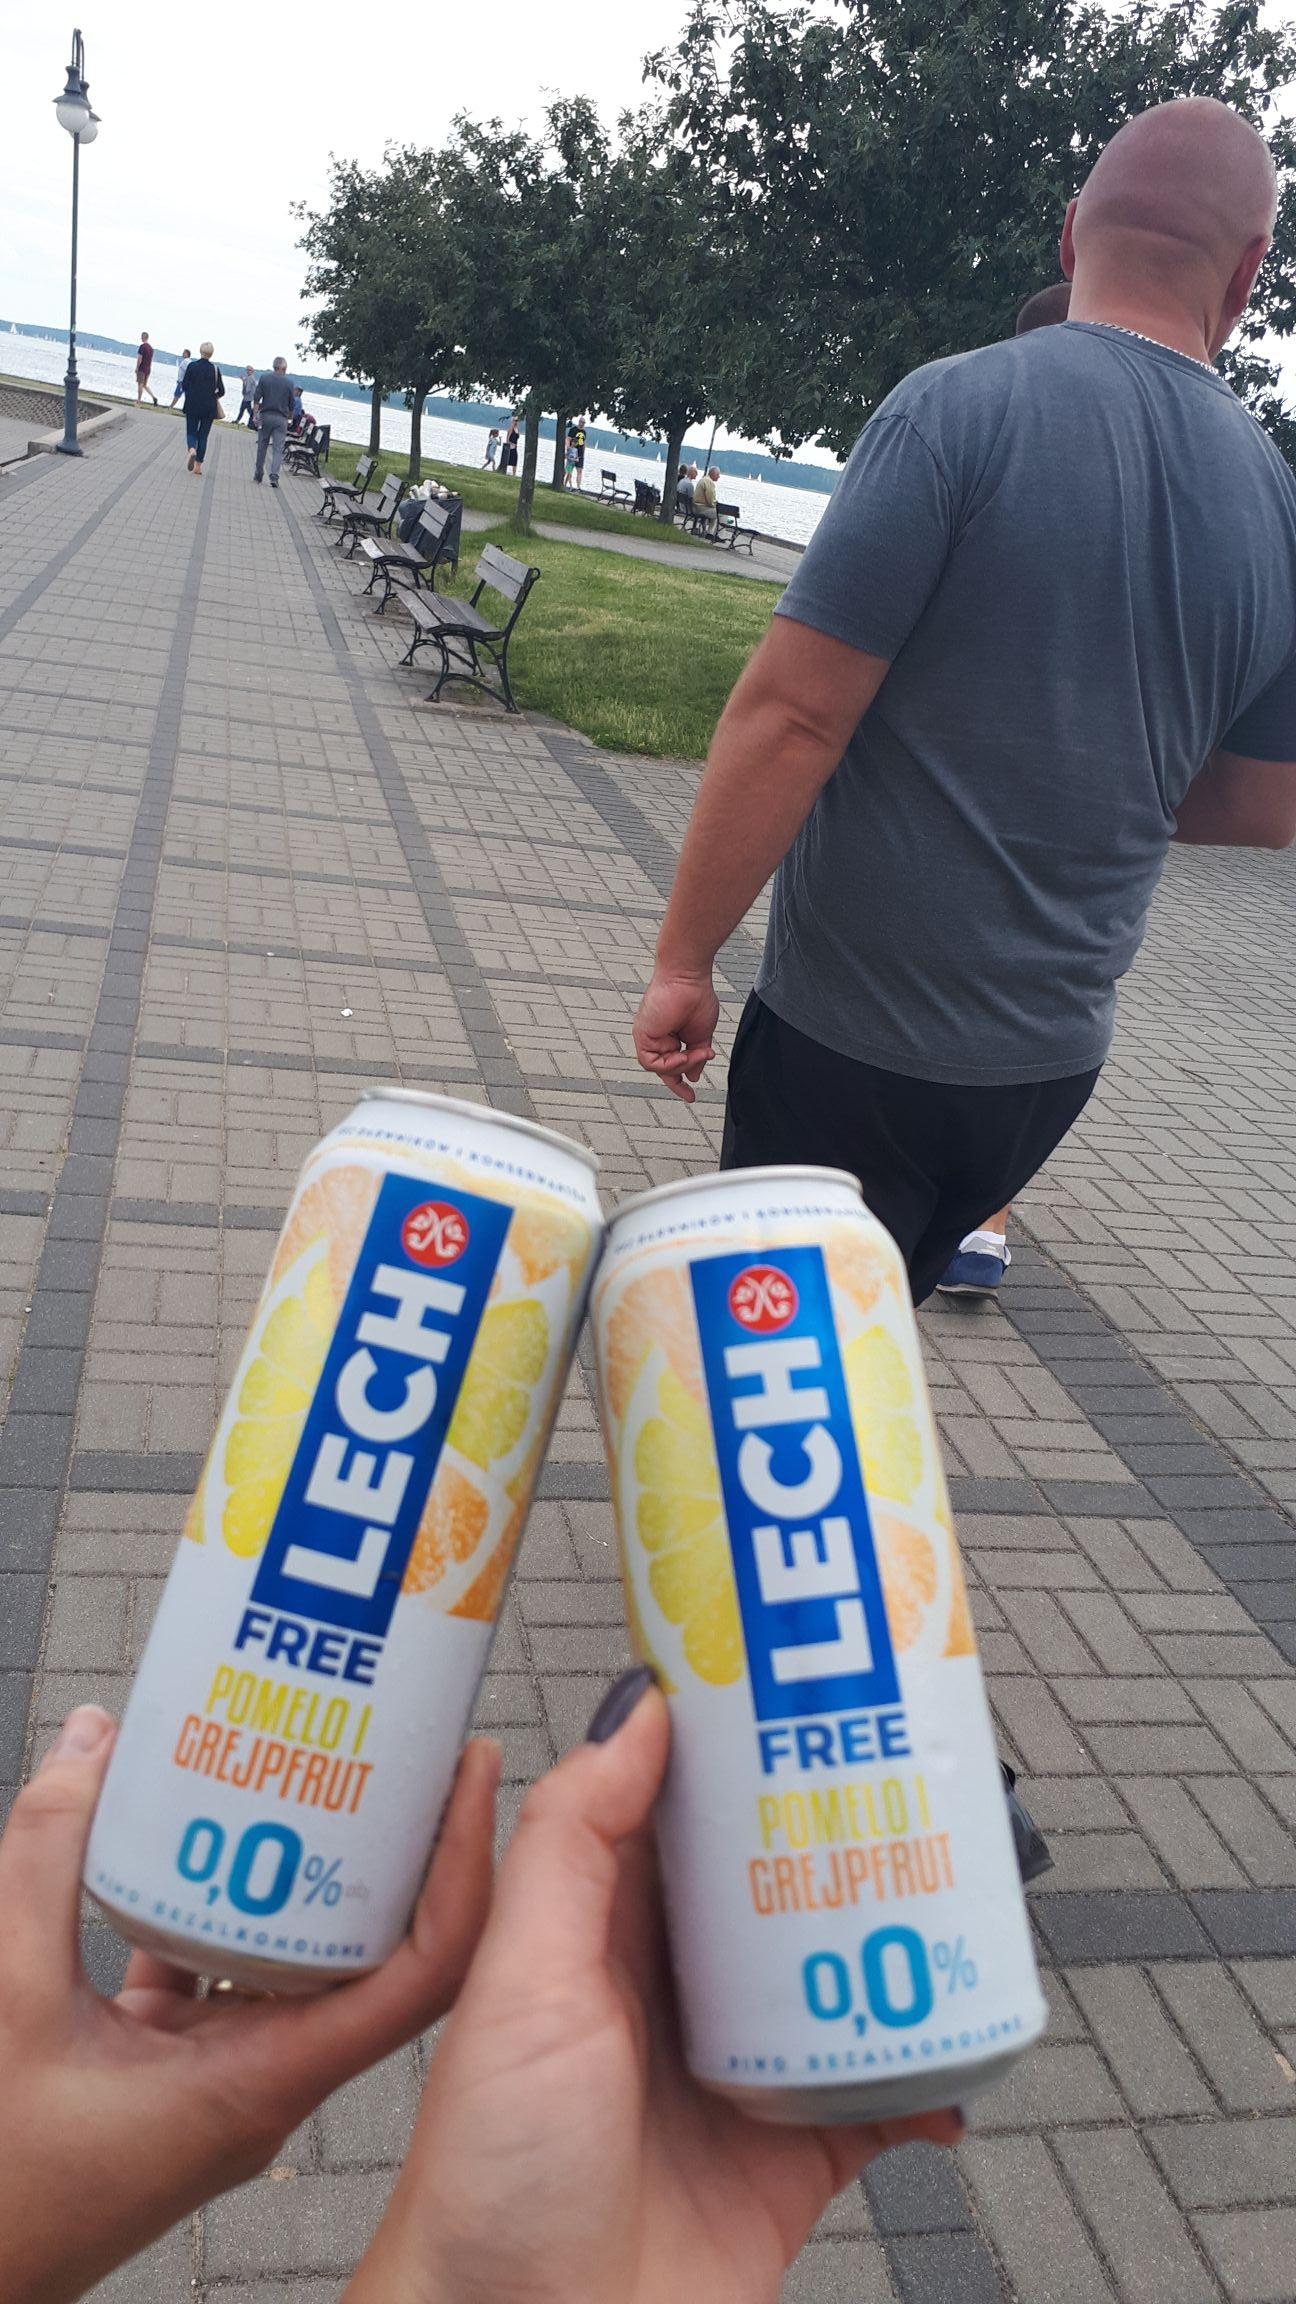 Lech free za free na molo w Giżycku przy porcie